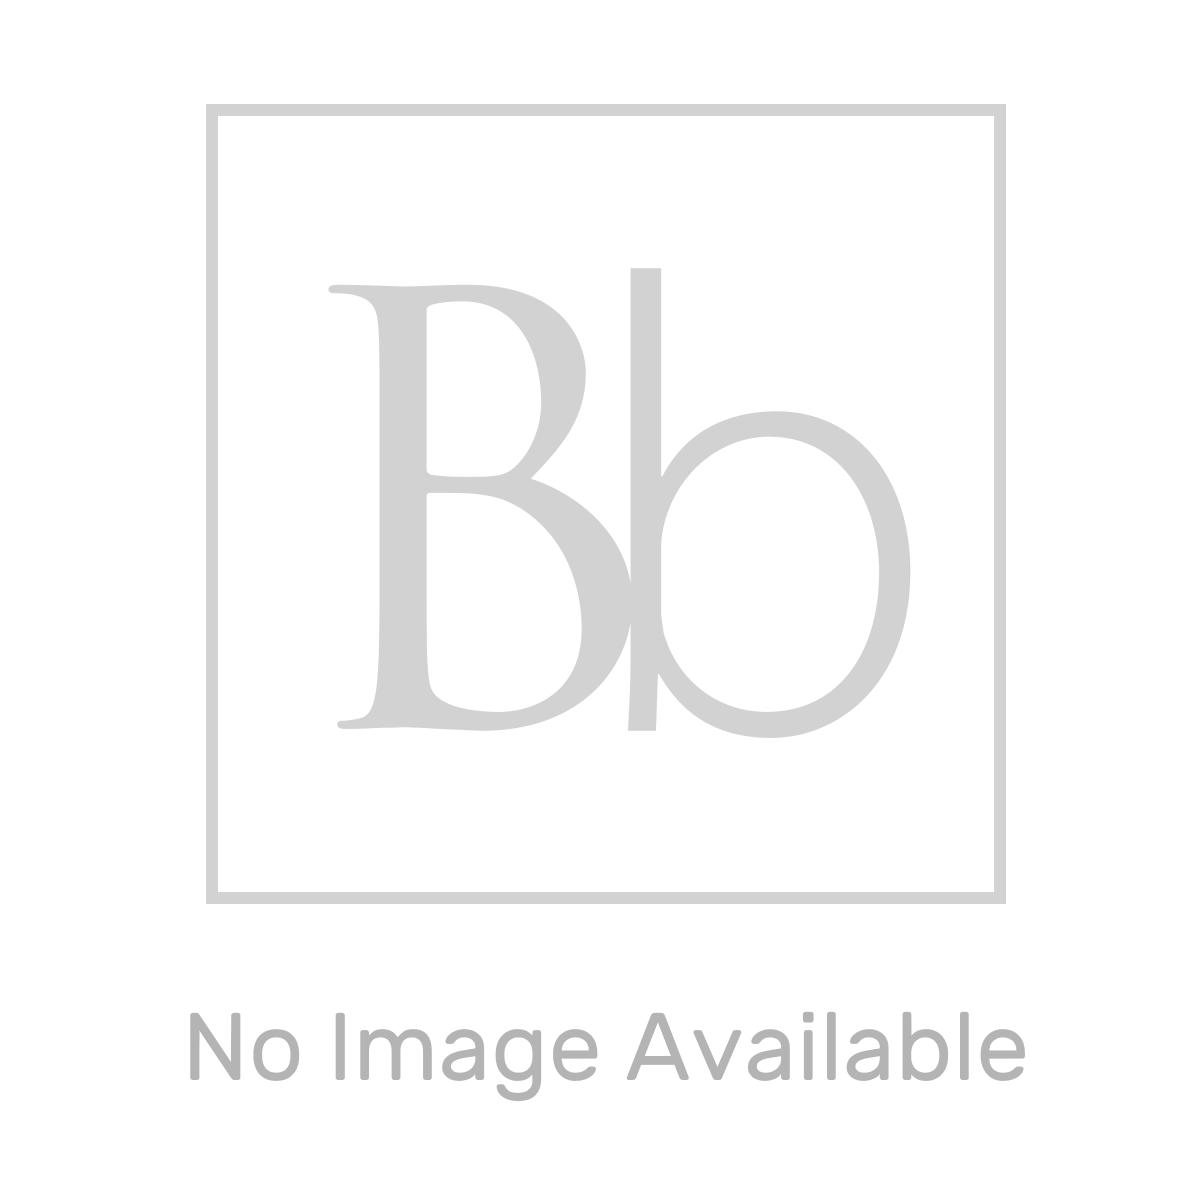 HiB Kore Slimline Bathroom Mirrored Aluminium Cabinet